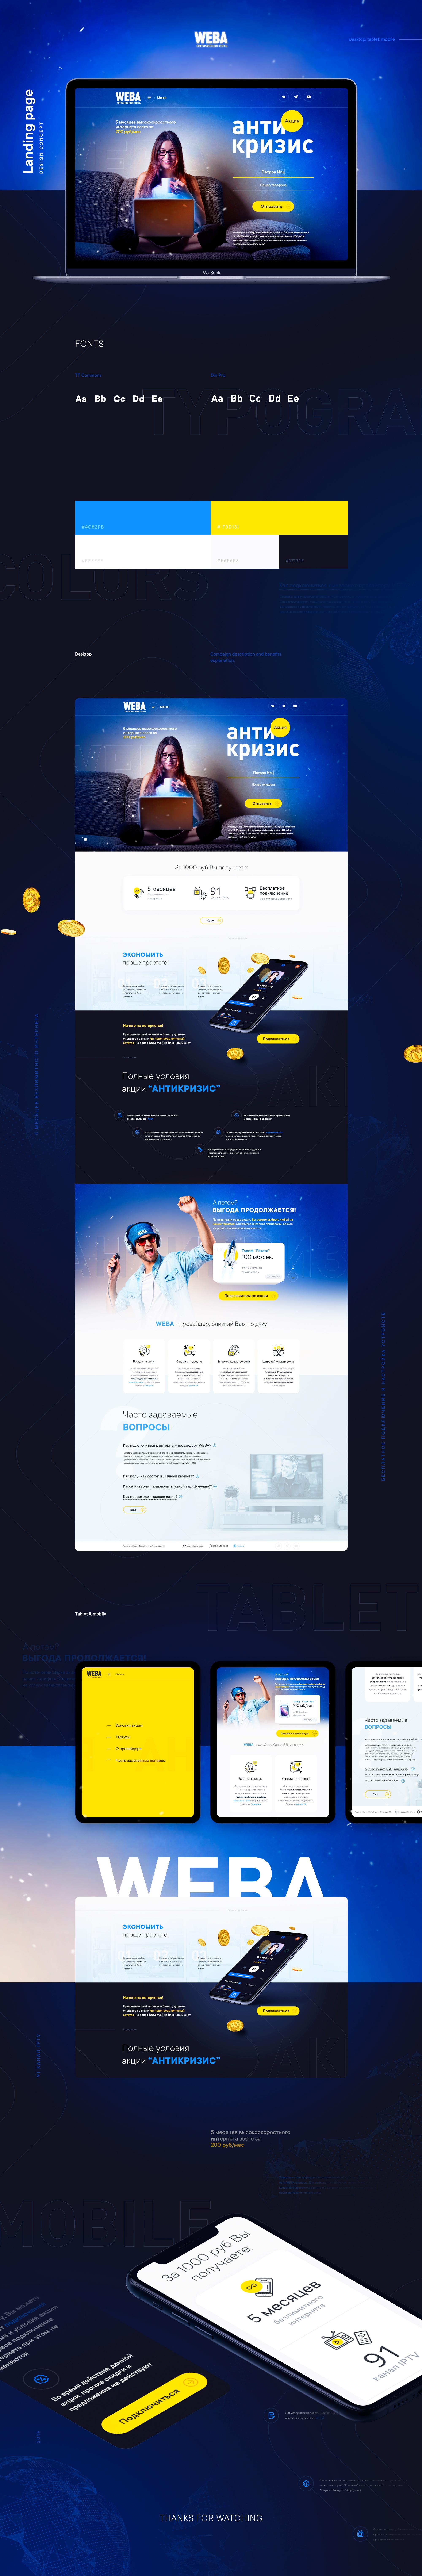 WEBA. Landing Page